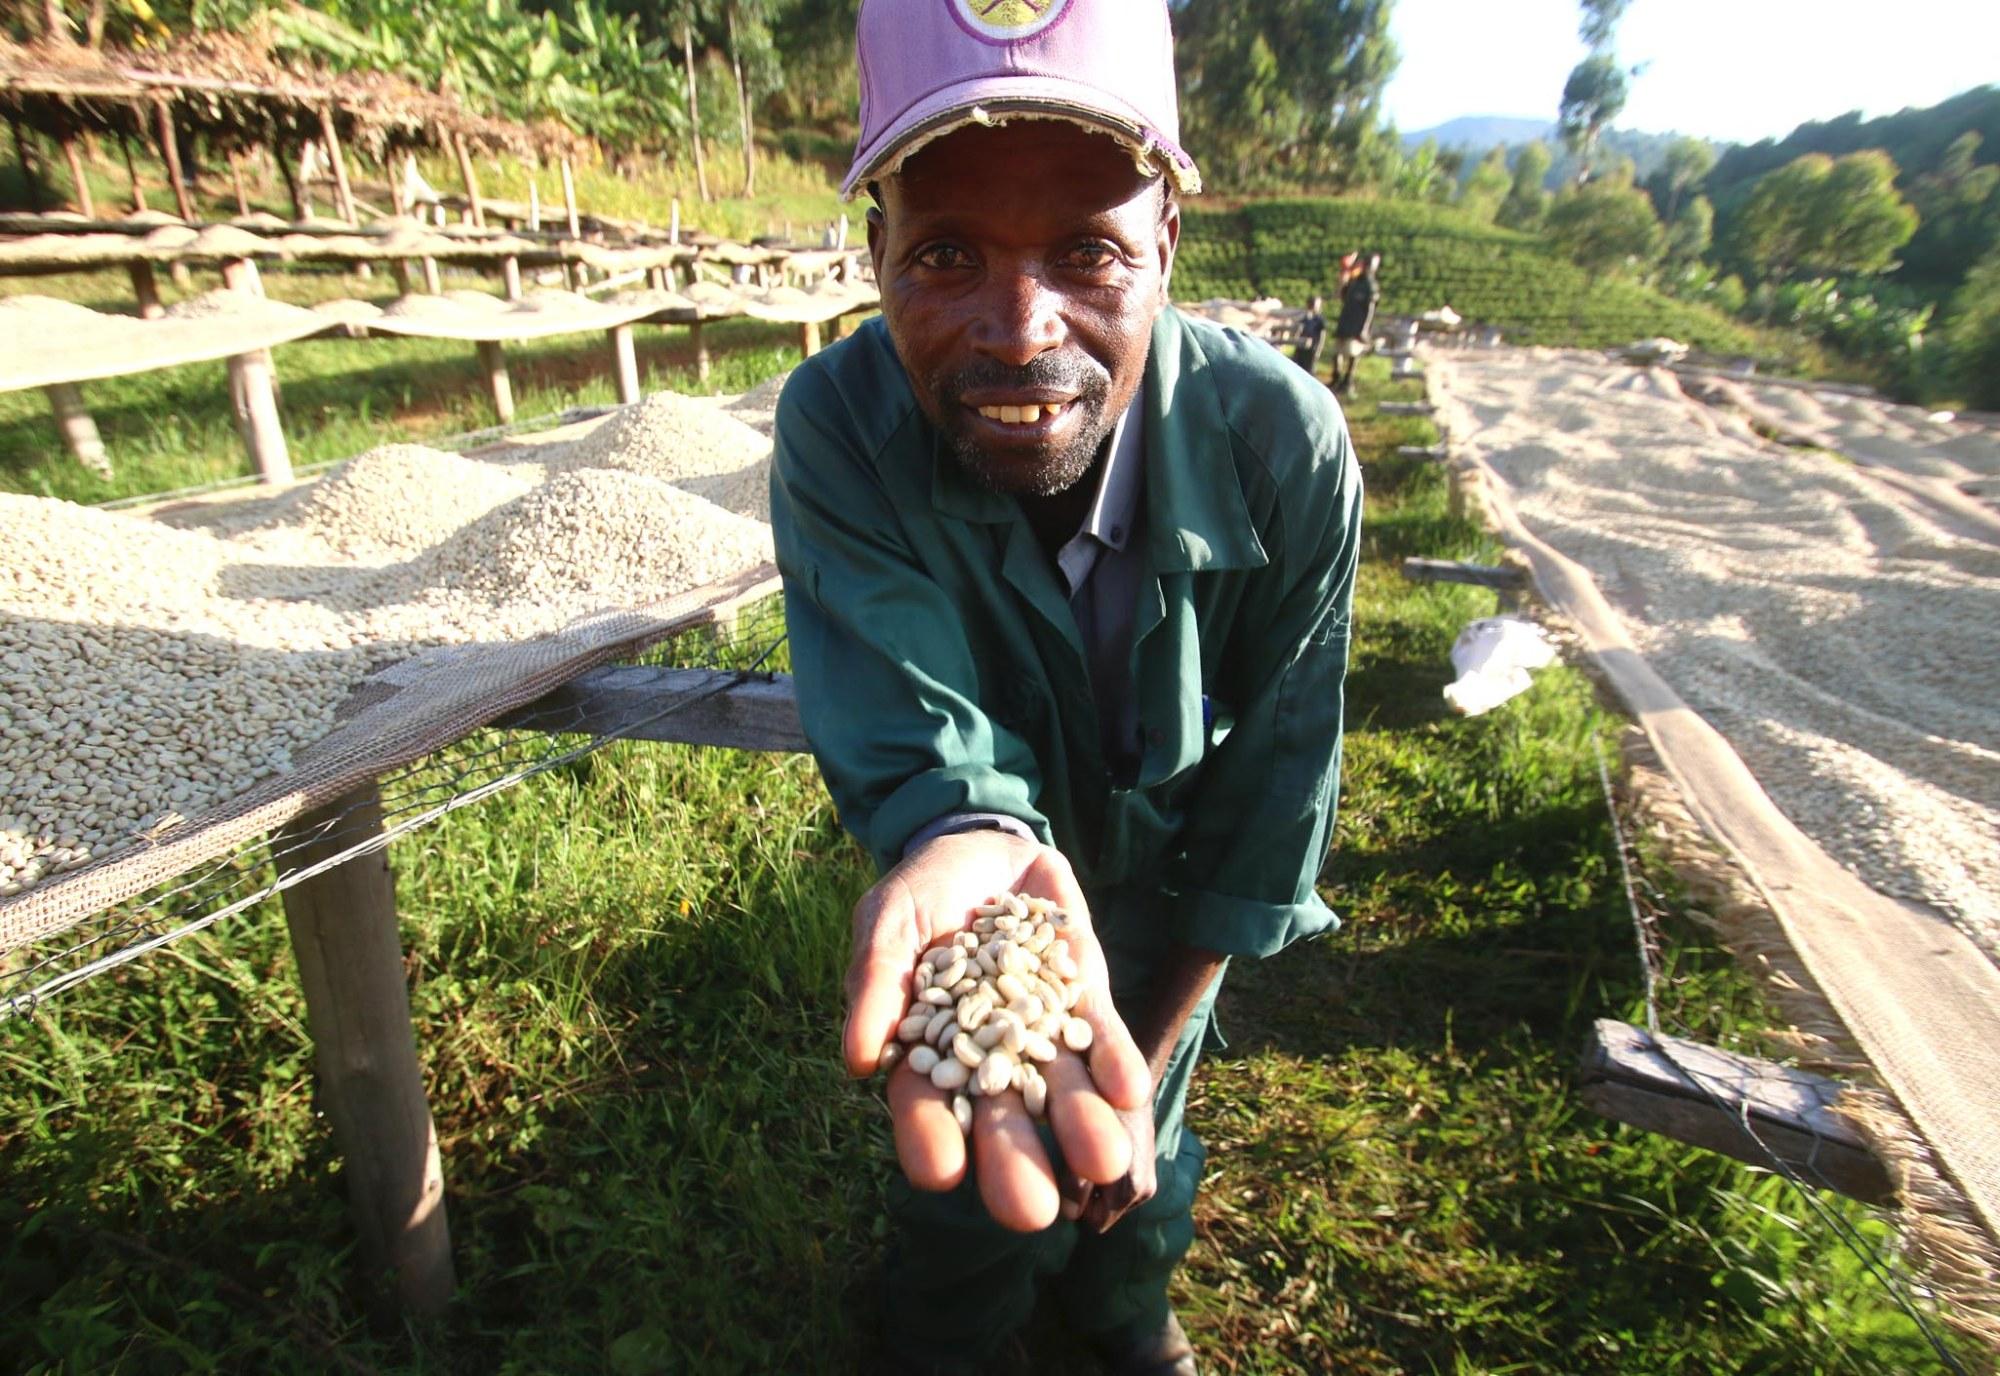 Burundian farmers With Coffee in Burundi - CoffeeInside 1